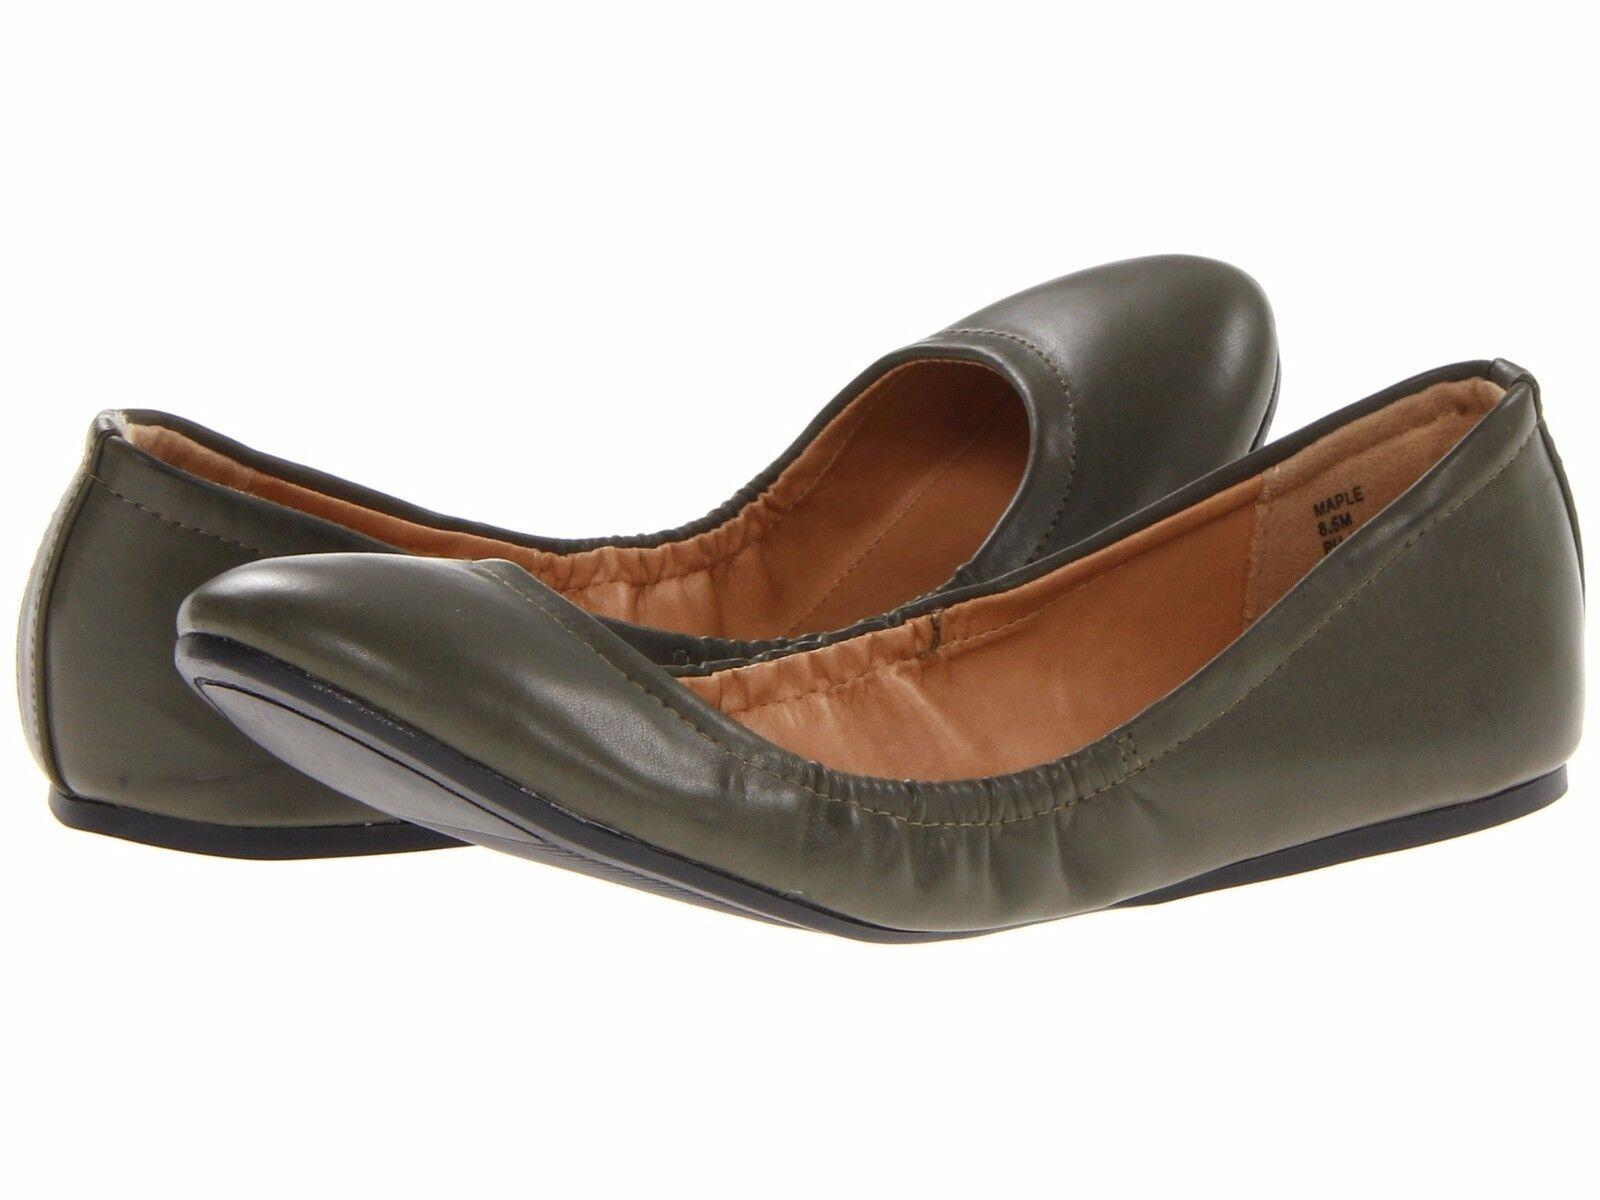 Gabriella Rocha Women's Size 8.5 Ballet Flat shoes